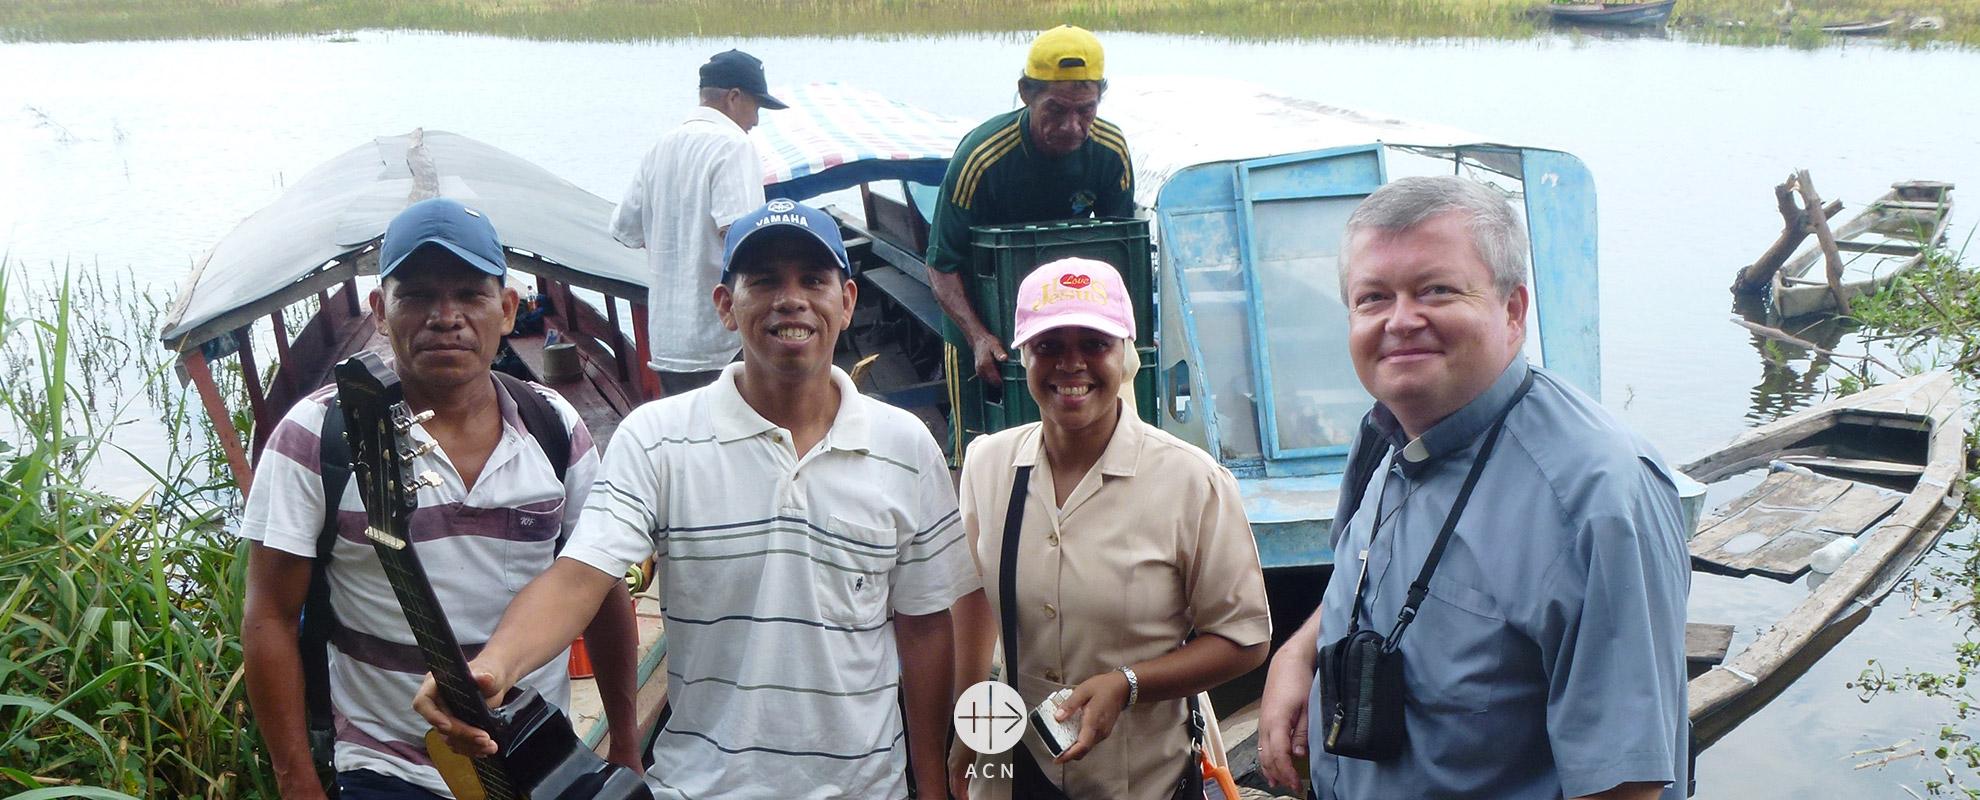 Perú: Formación continua de los catequistas en una extensa parroquia de la selva